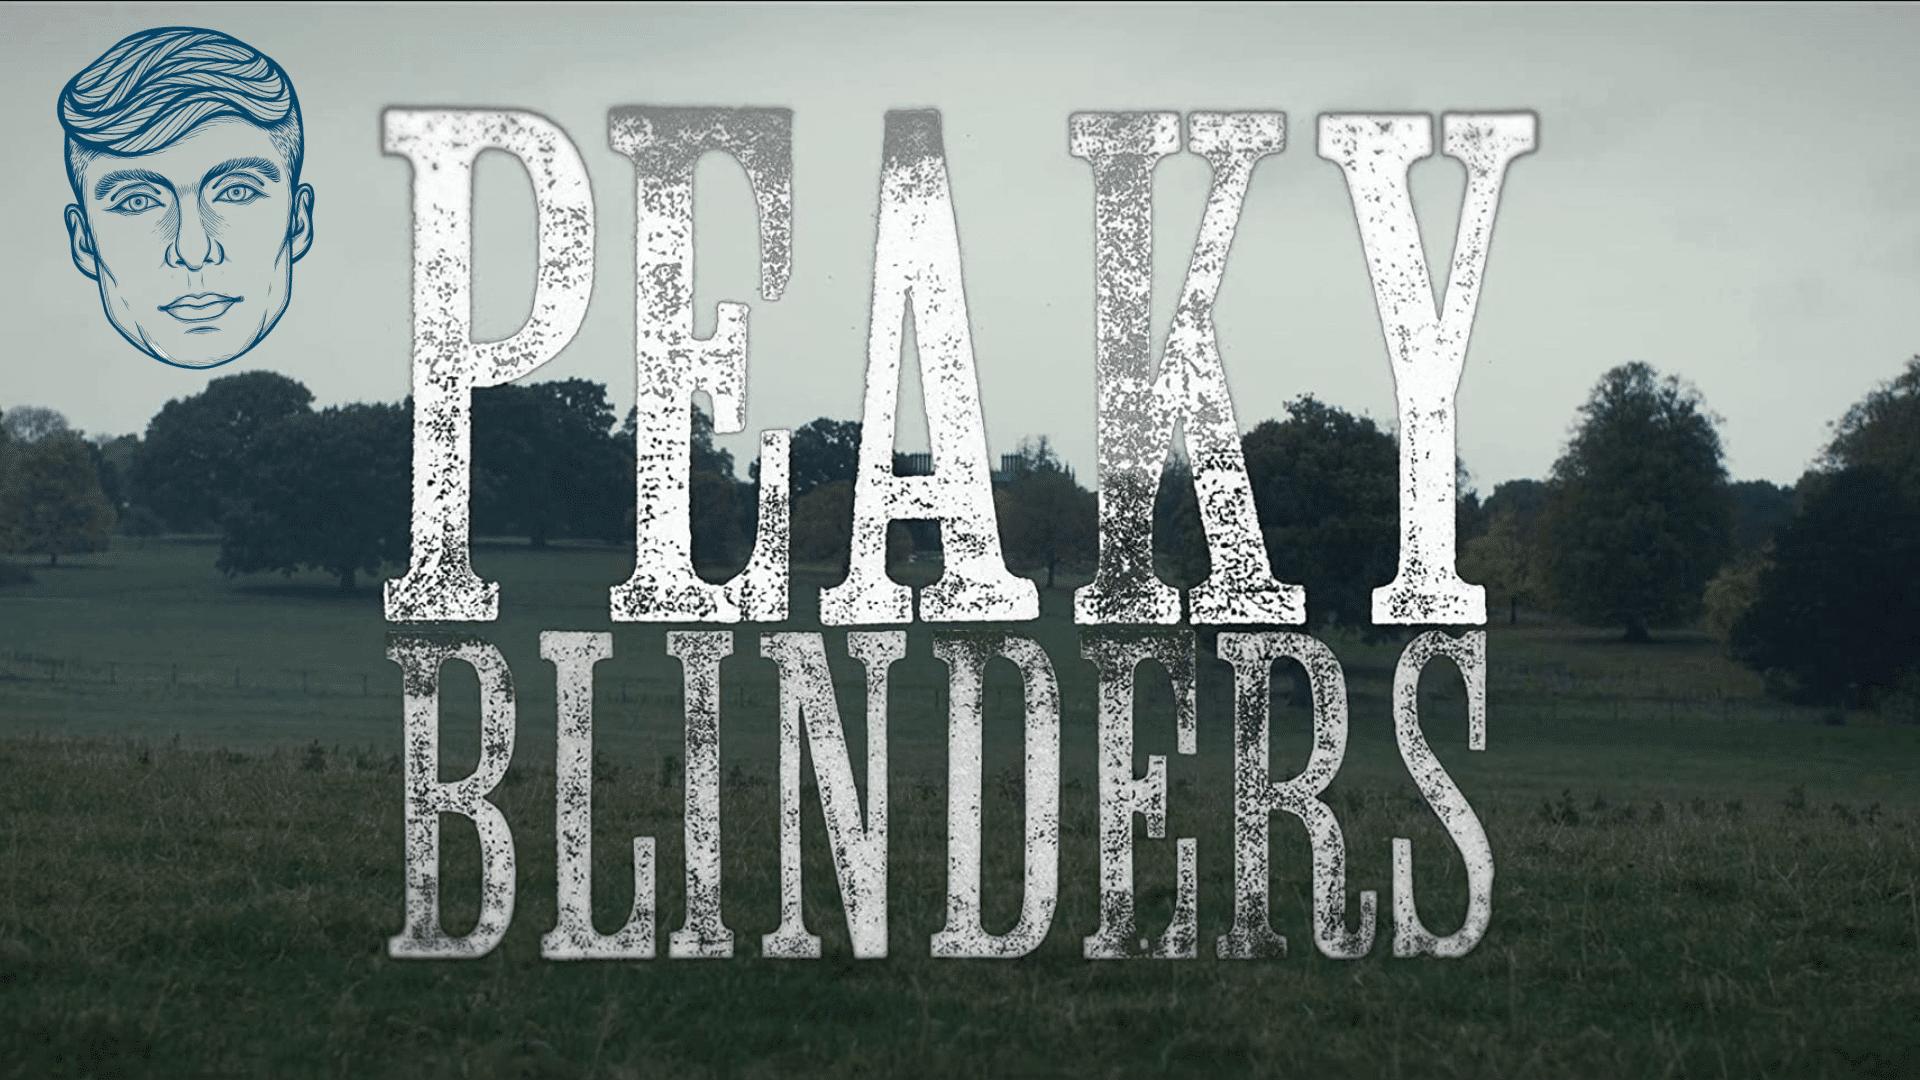 Peaky Blinders season 7 Release Date